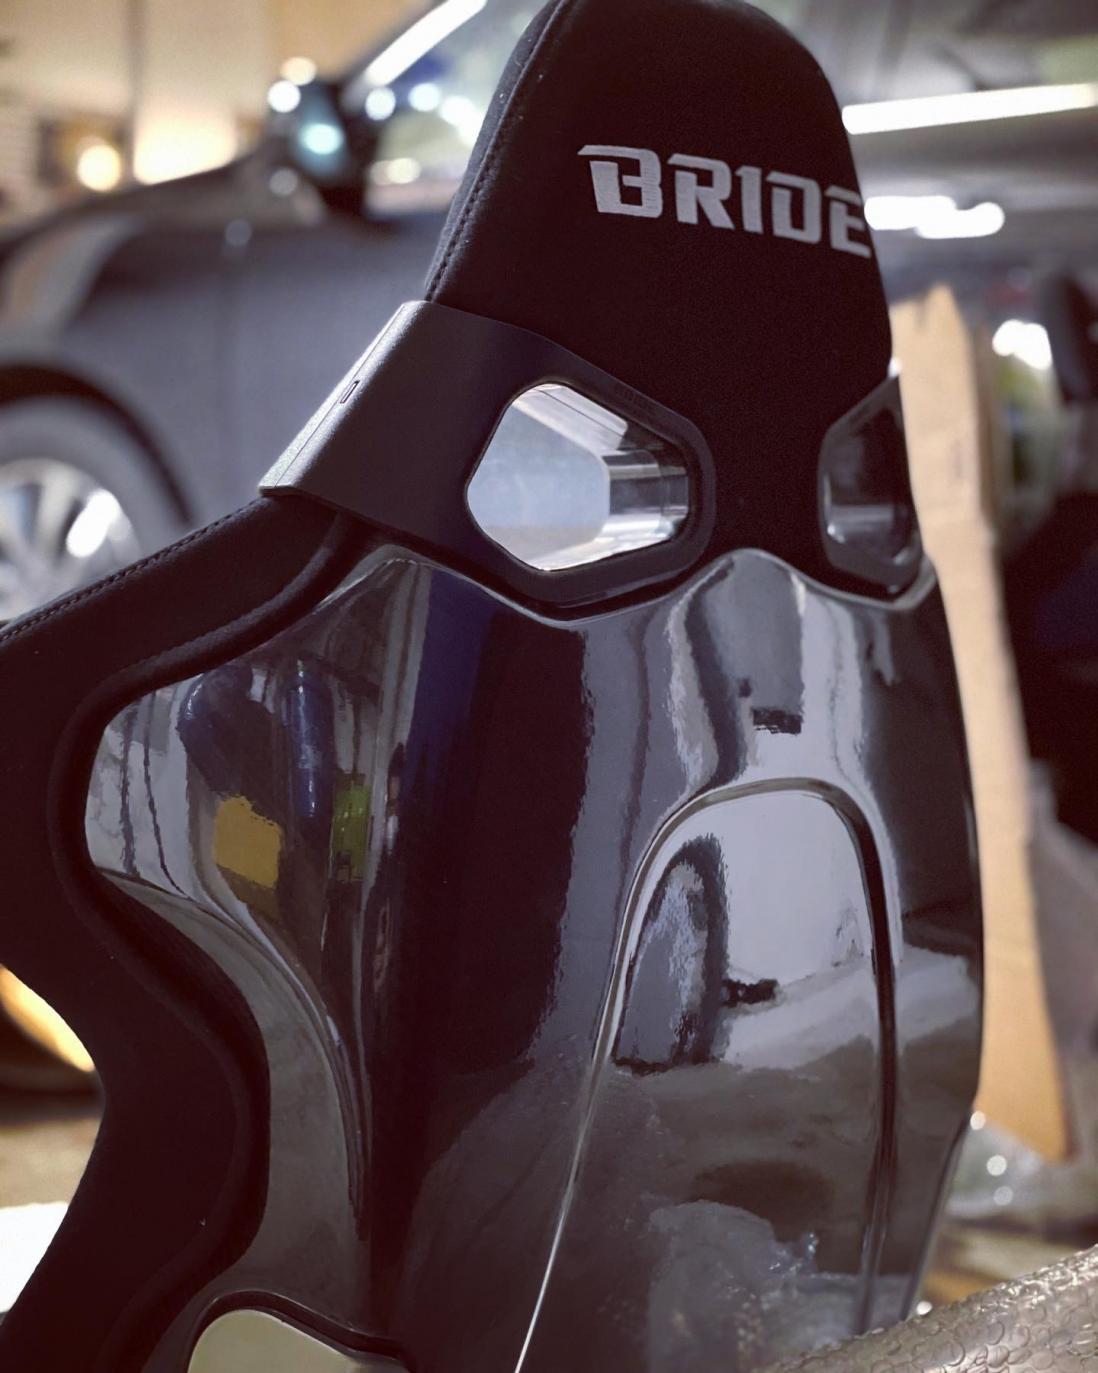 BRIDE Vorga seats installed-ab1b76d4-5156-4c8f-98de-ca44d899636e-jpg